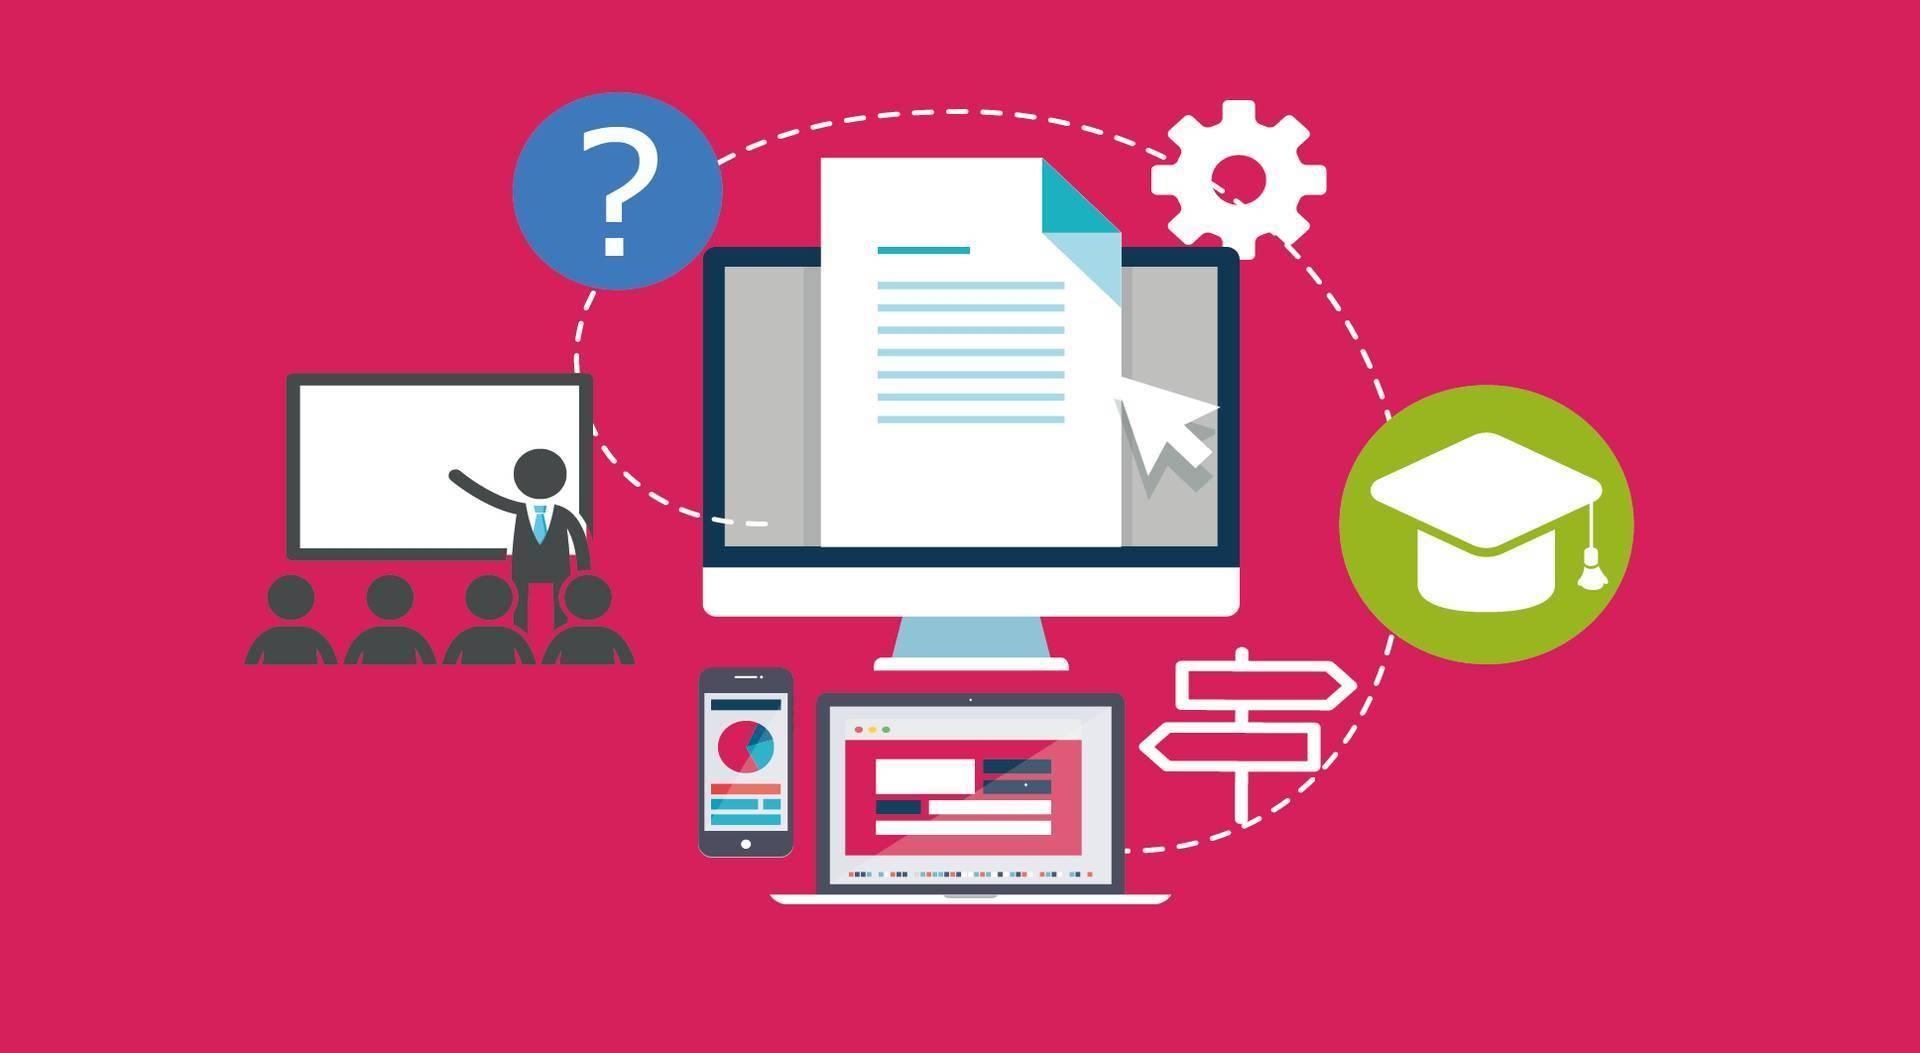 关于项目的进度,活动流程的顺畅和用户体验,运营沟通中的问题,设计